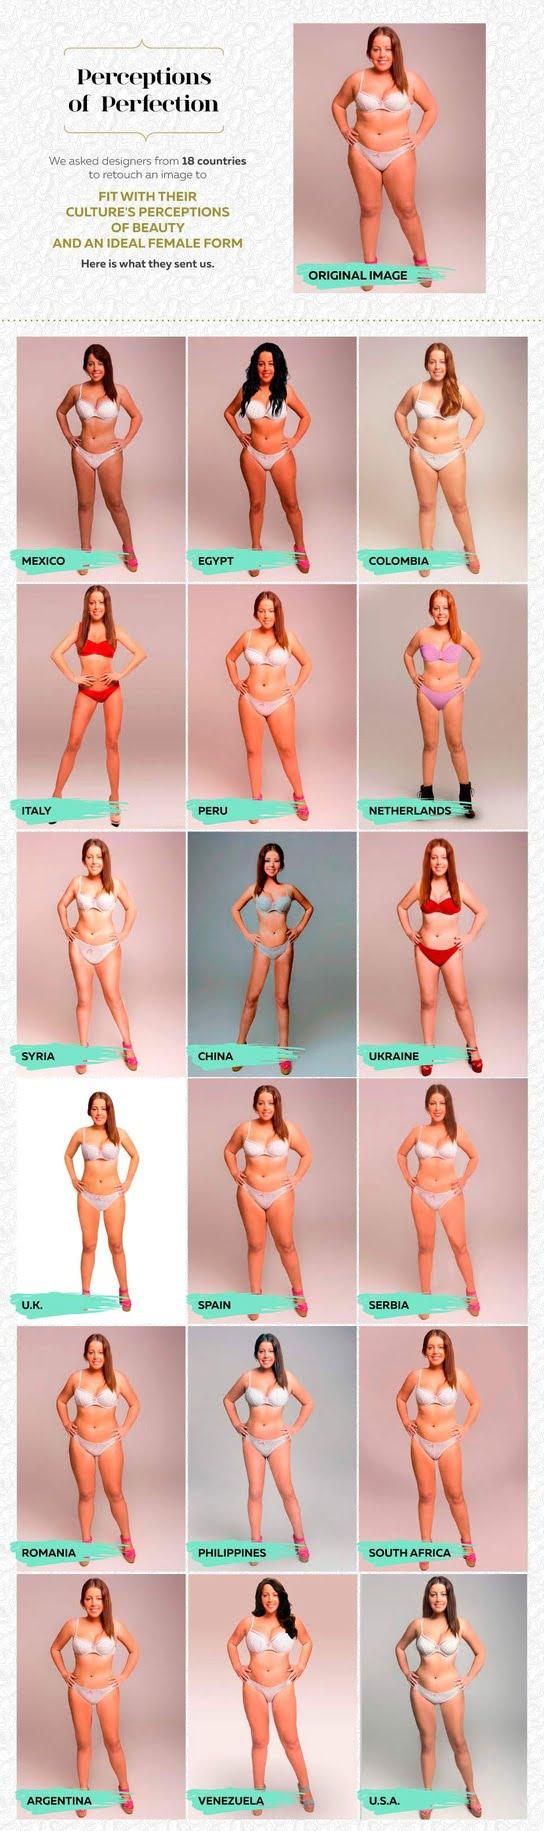 realizado por el gigante de cosmética Superdrug entre 18 países de los 5 continentes,